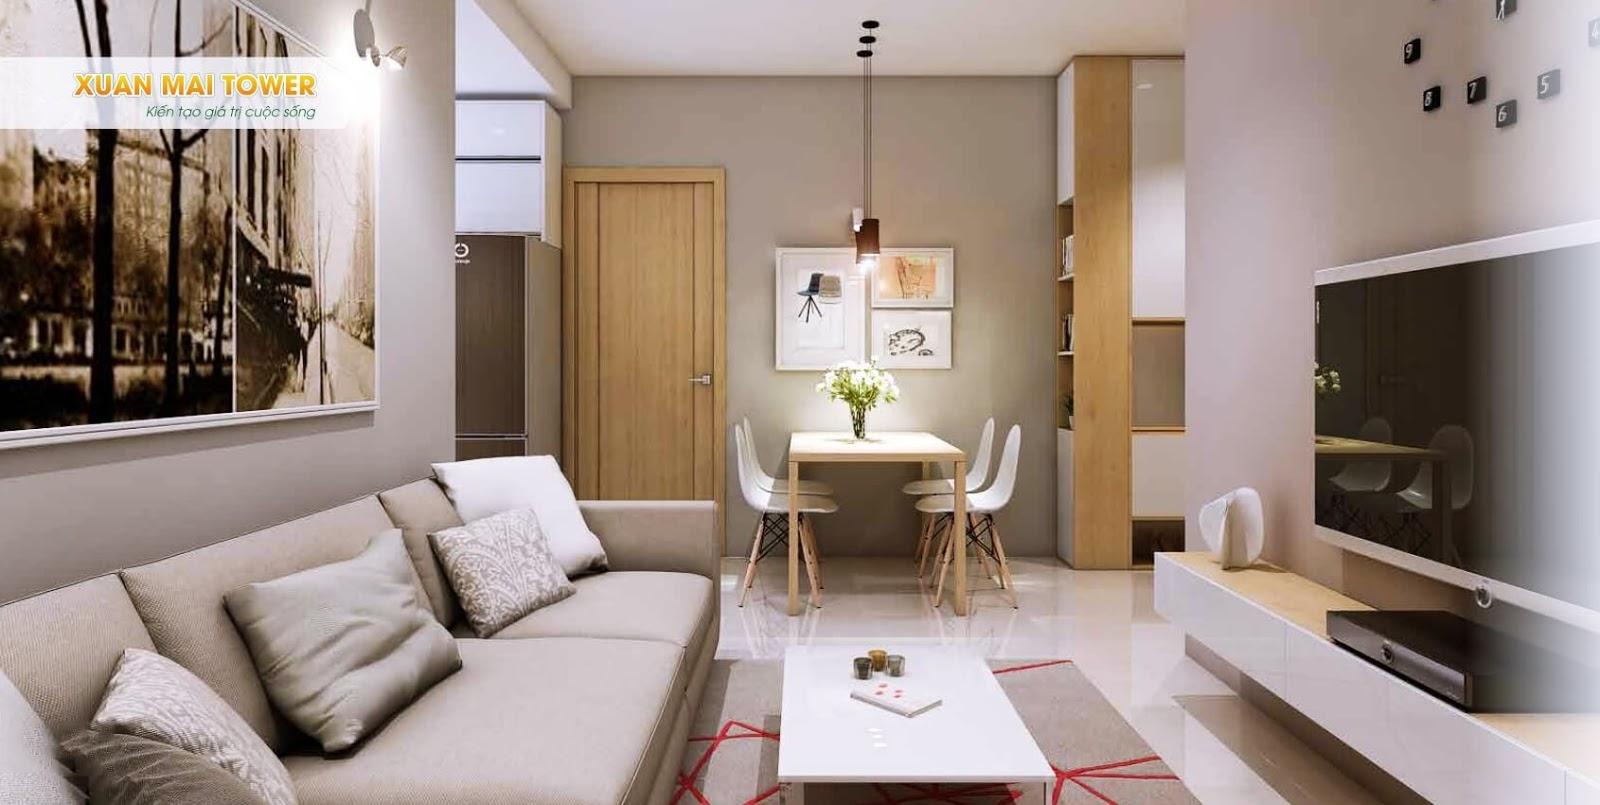 Phối cảnh khu căn hộ cao cấp Xuân Mai Tower Thanh Hoá